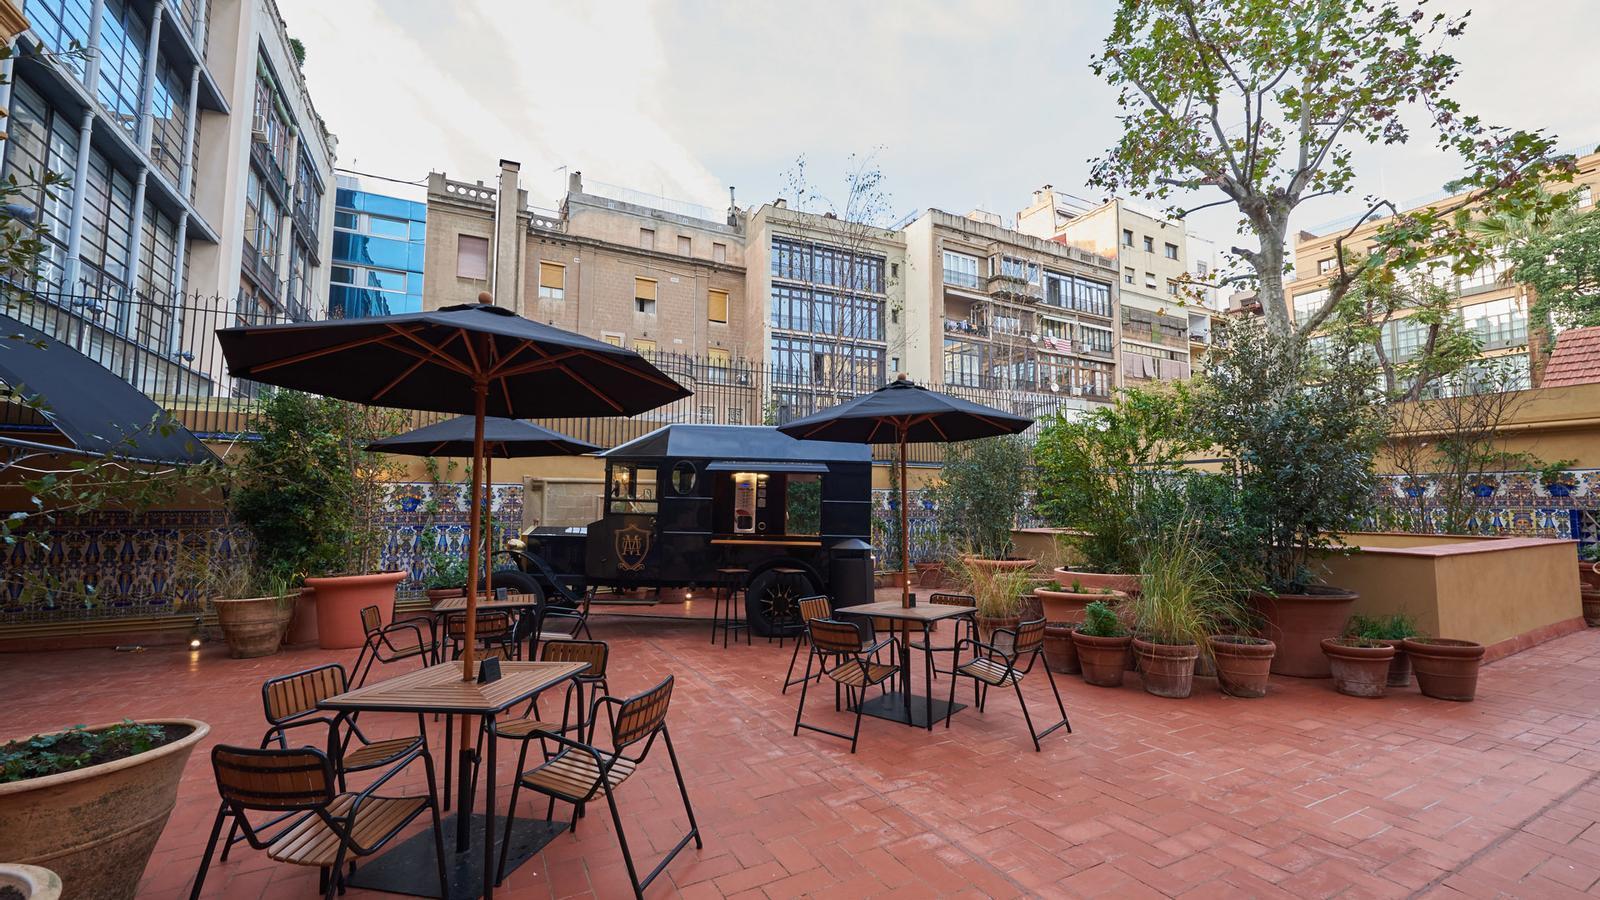 La terrassa, des d'on es pot veure la part posterior de la Casa Milà, estarà oberta al públic / INDITEX